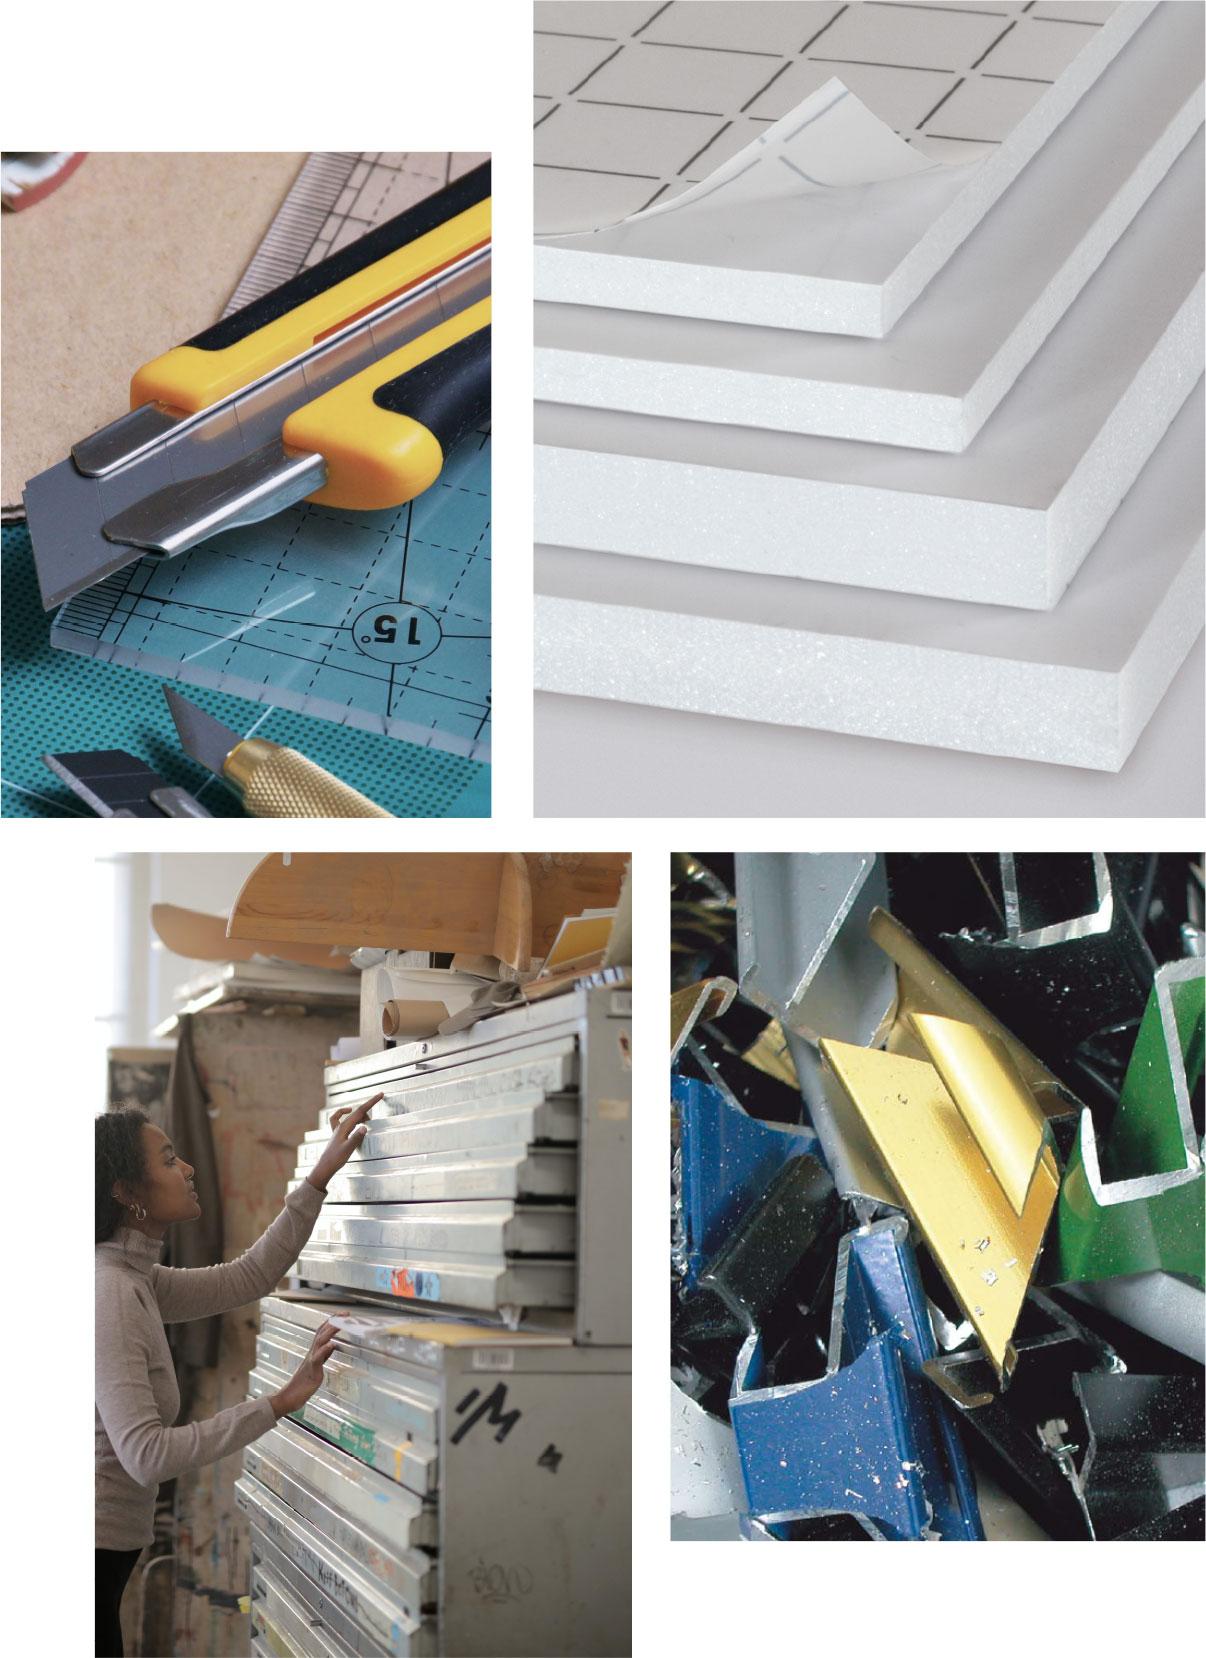 Arquidib Productos Especializados Para Copisteria Impresion Digital Fotografia Y Enmarcacion